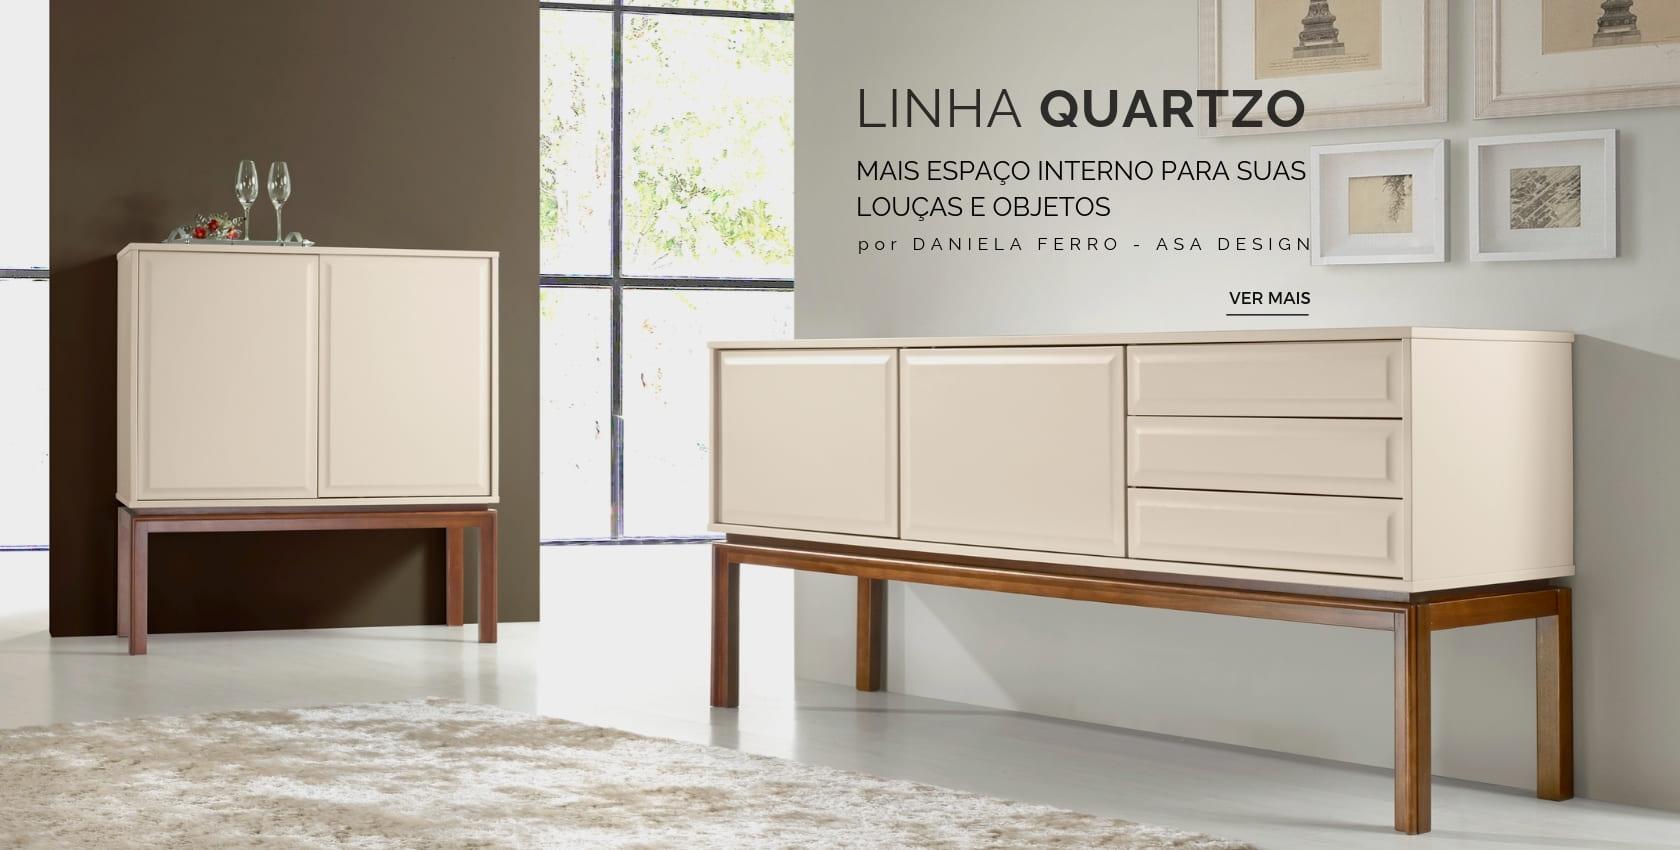 Adega-quartzo-buffet-quartzo-asa-design